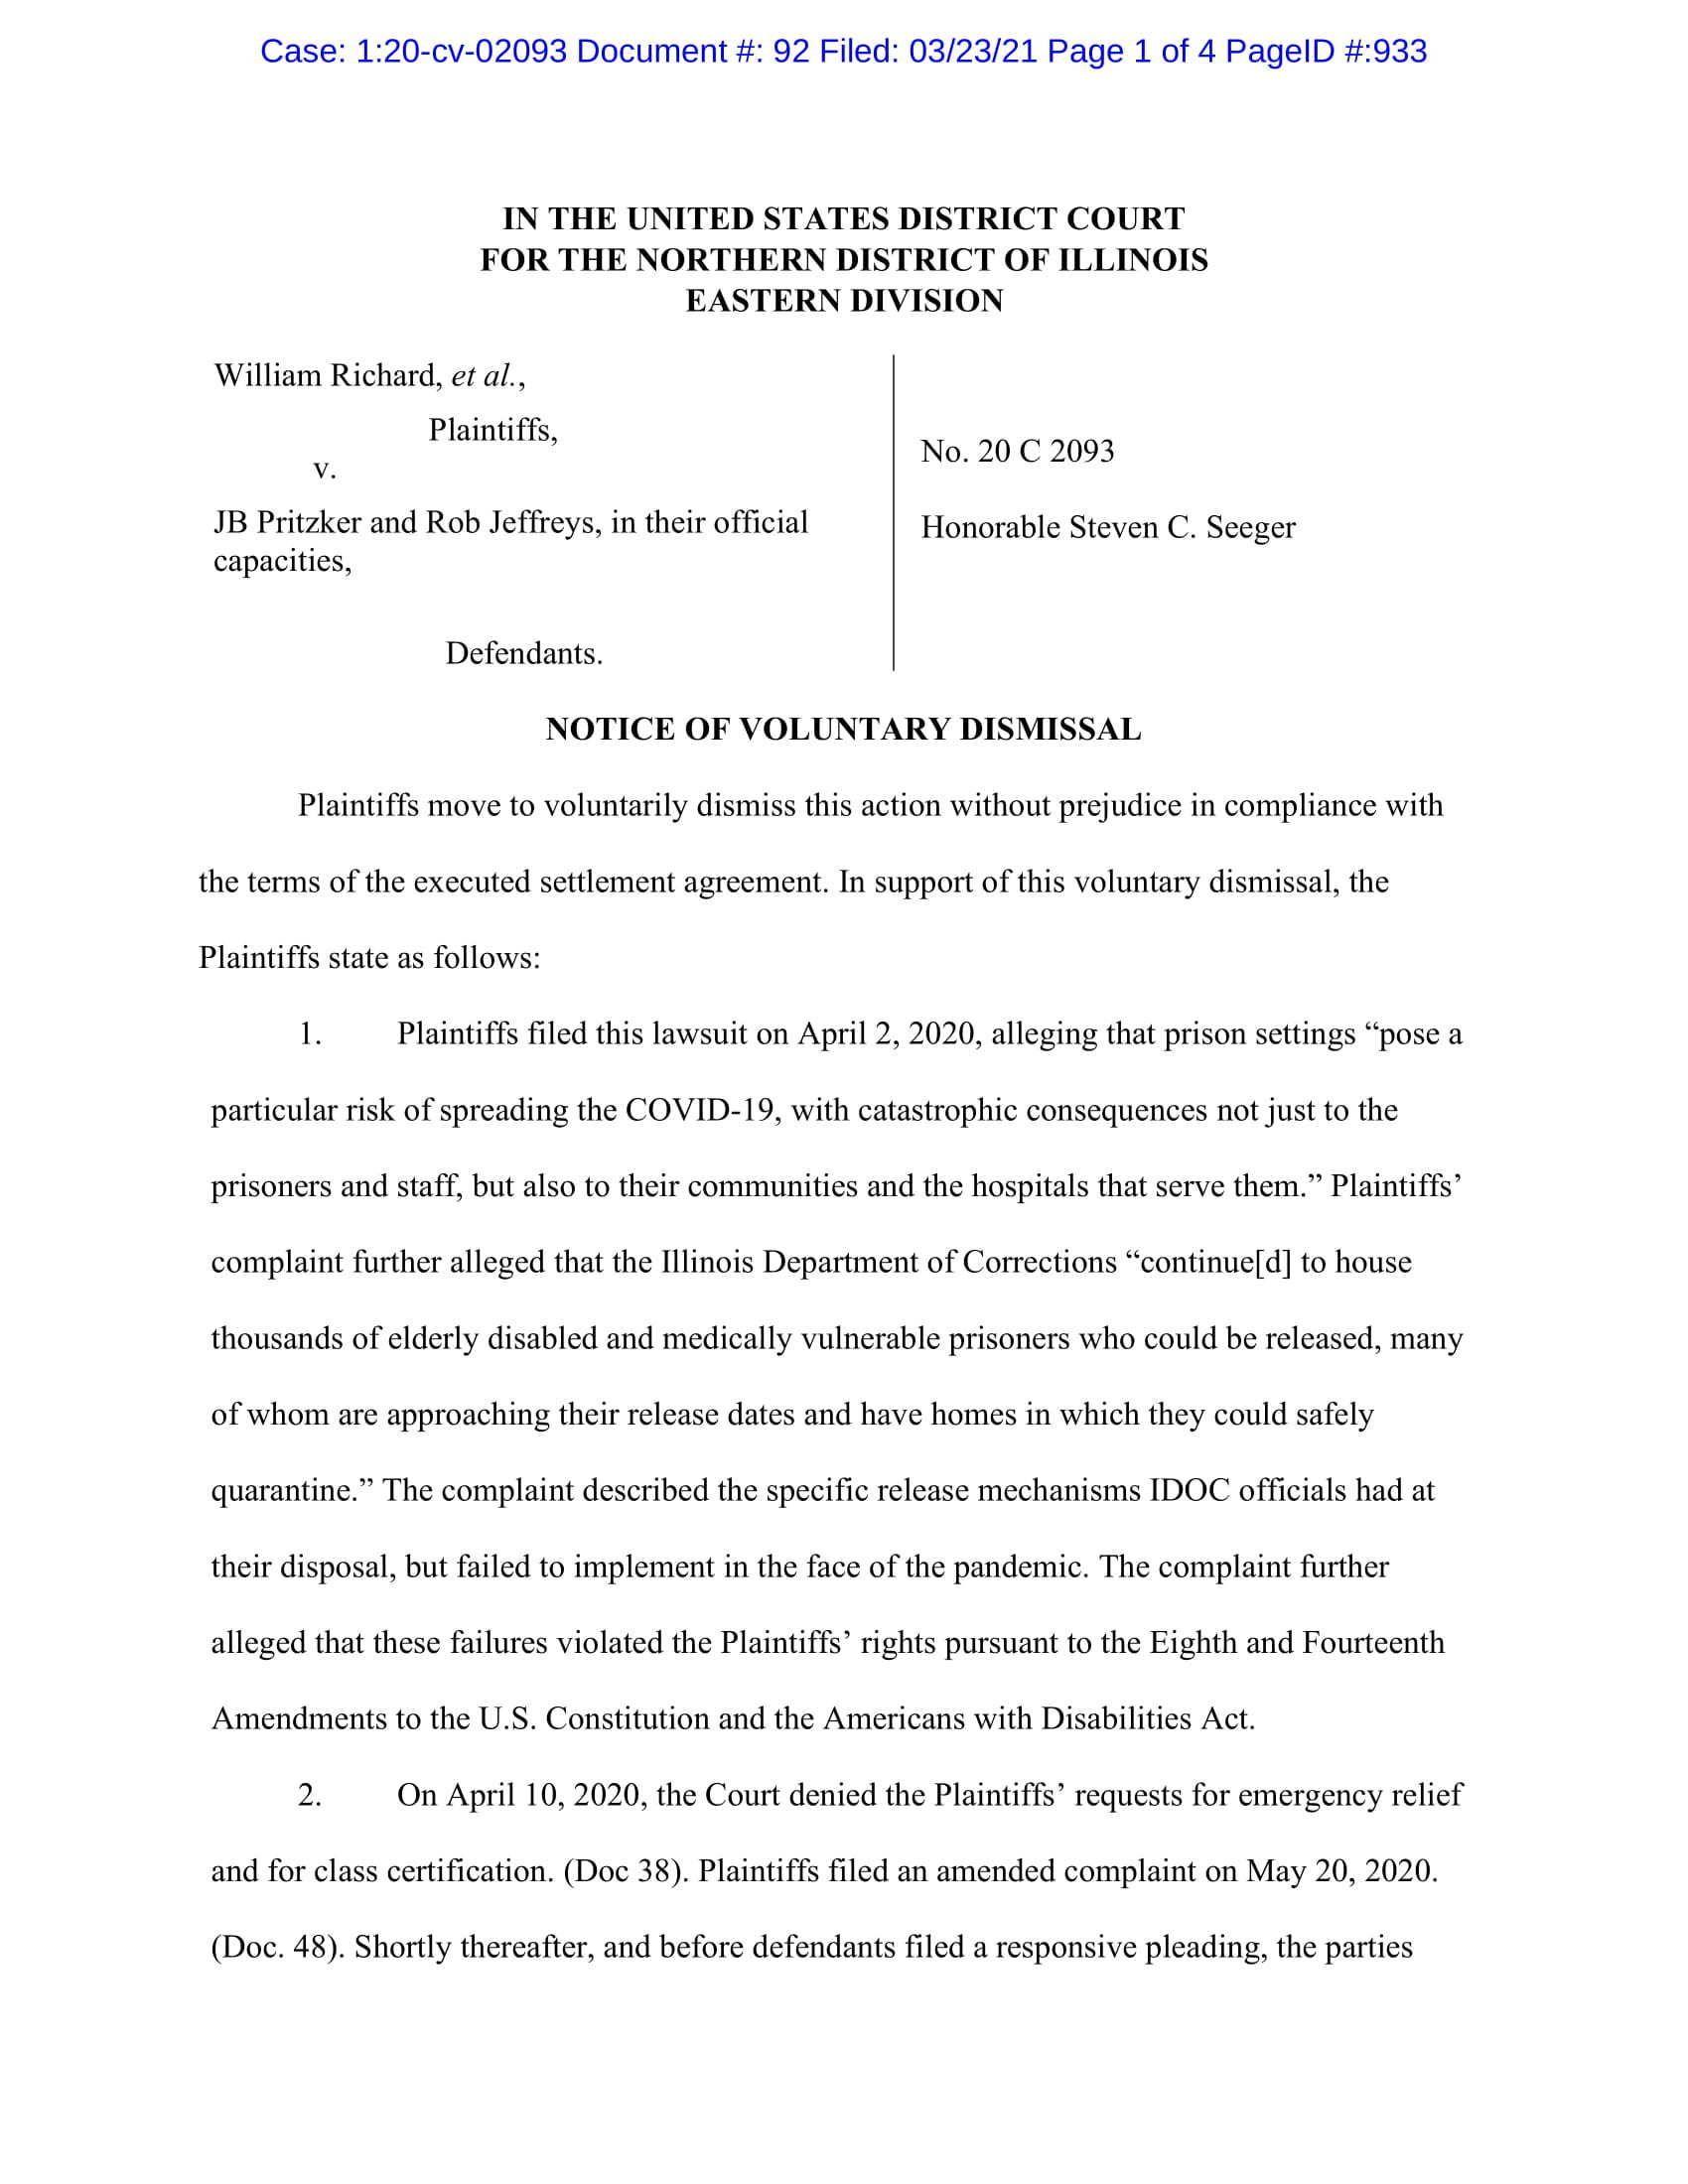 Richard v. Pritzker Settlement